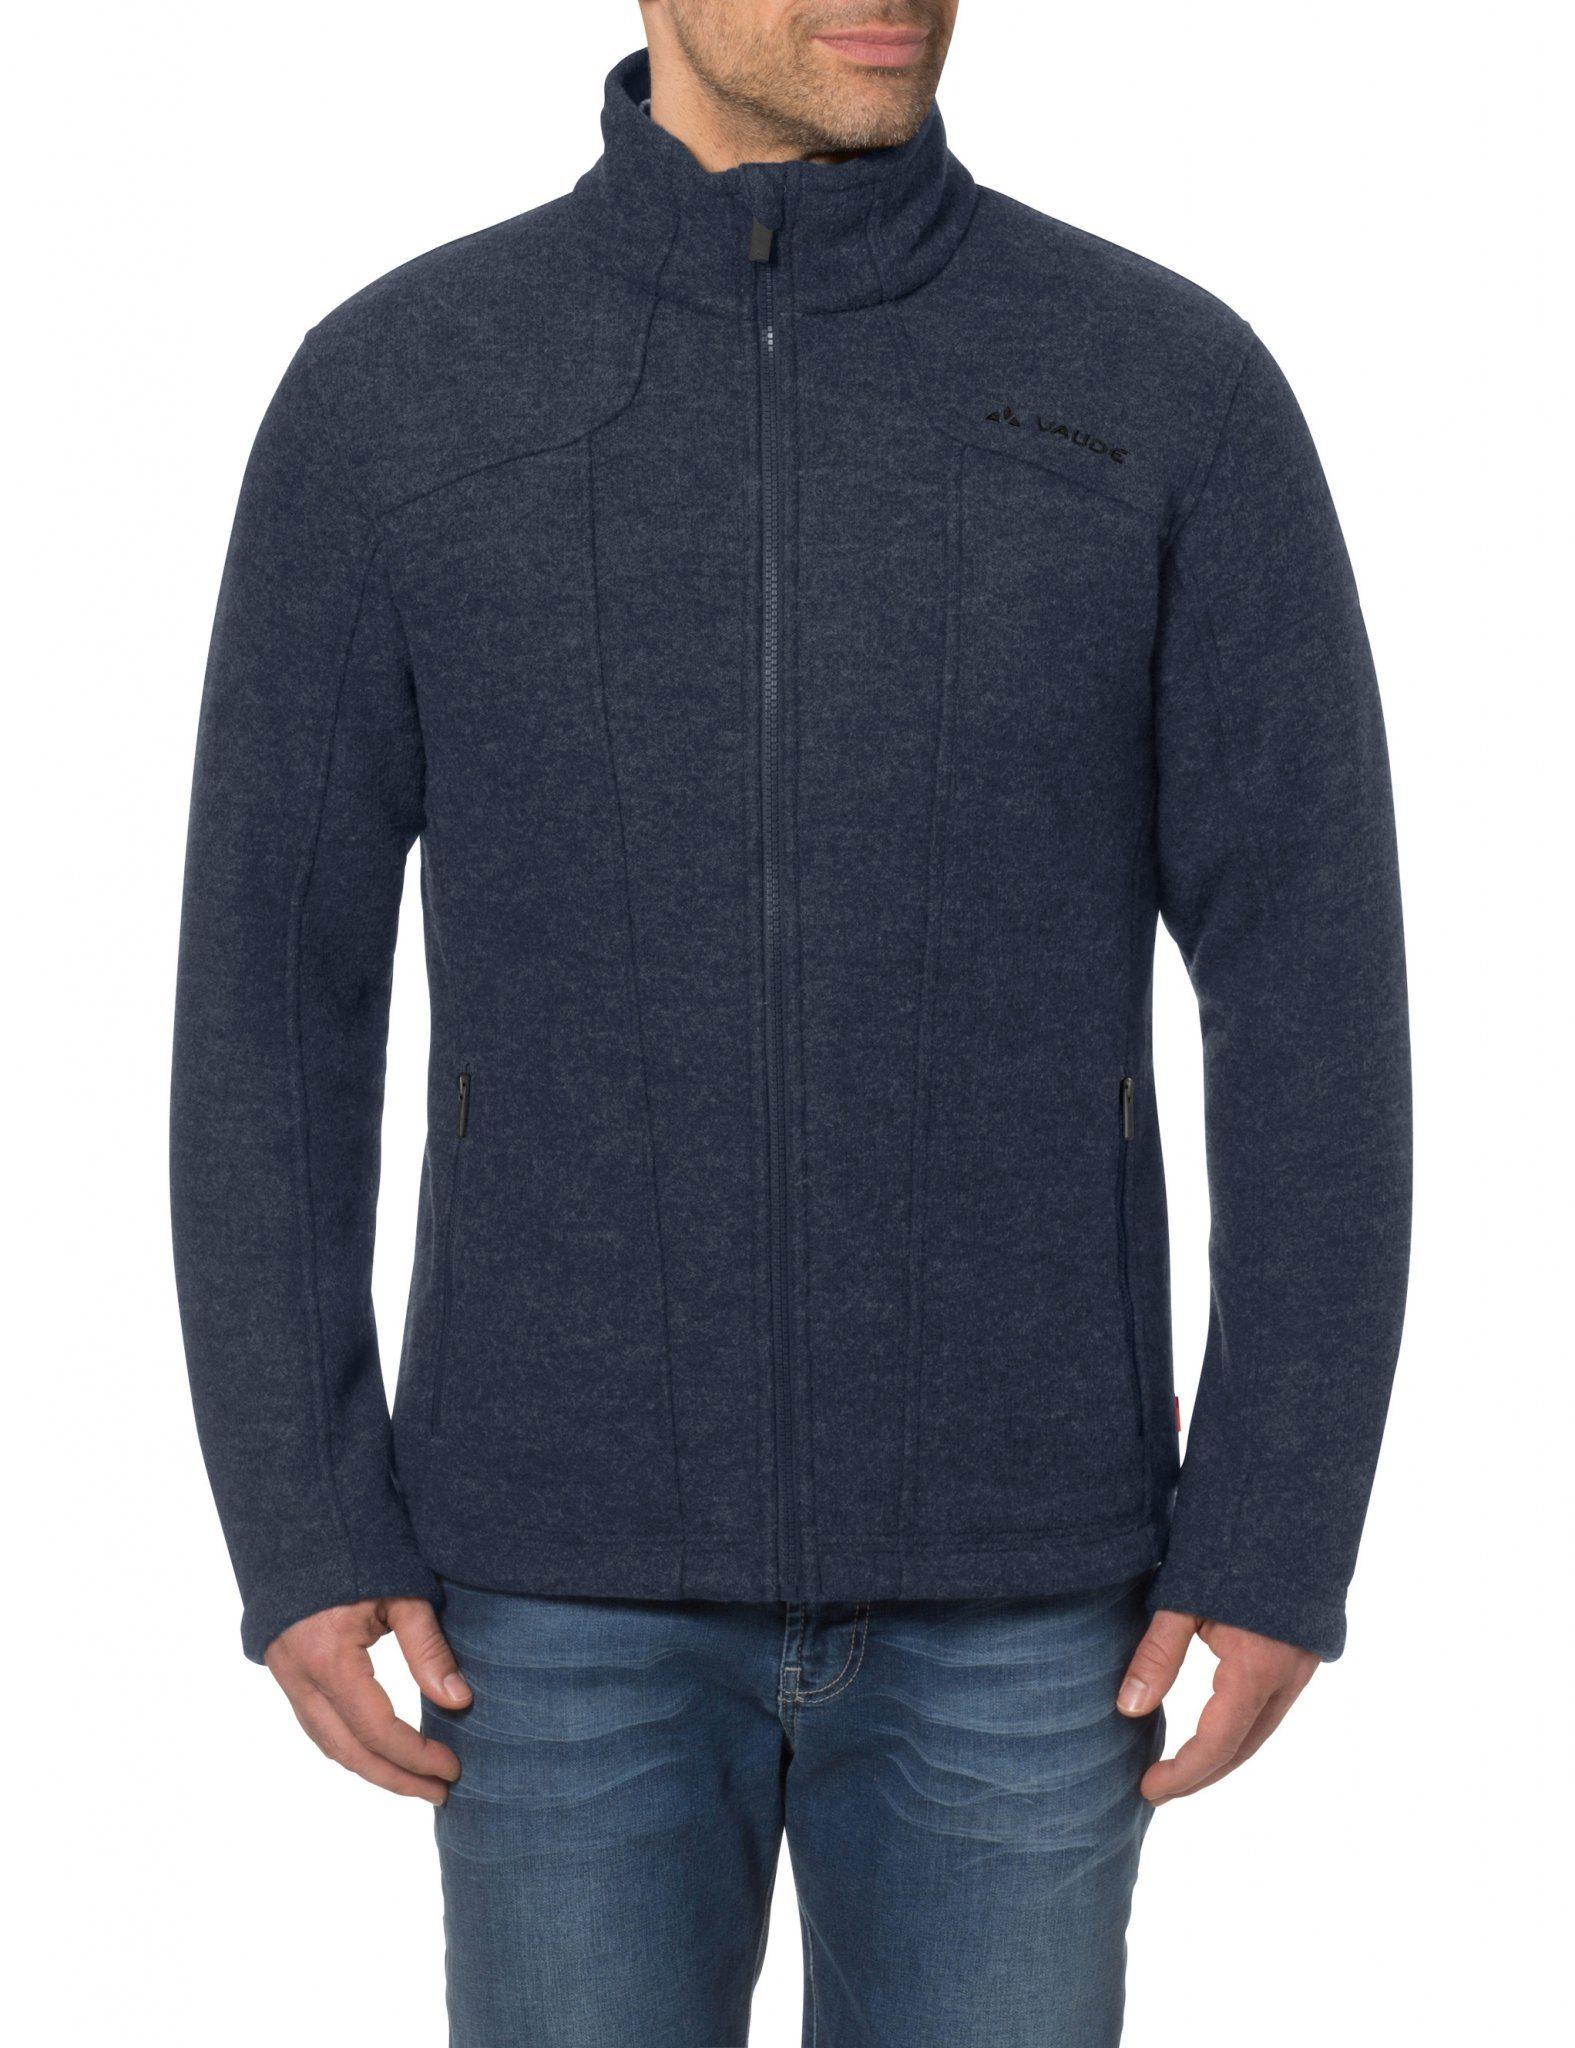 VAUDE Outdoorjacke »Tinshan Jacket Men«